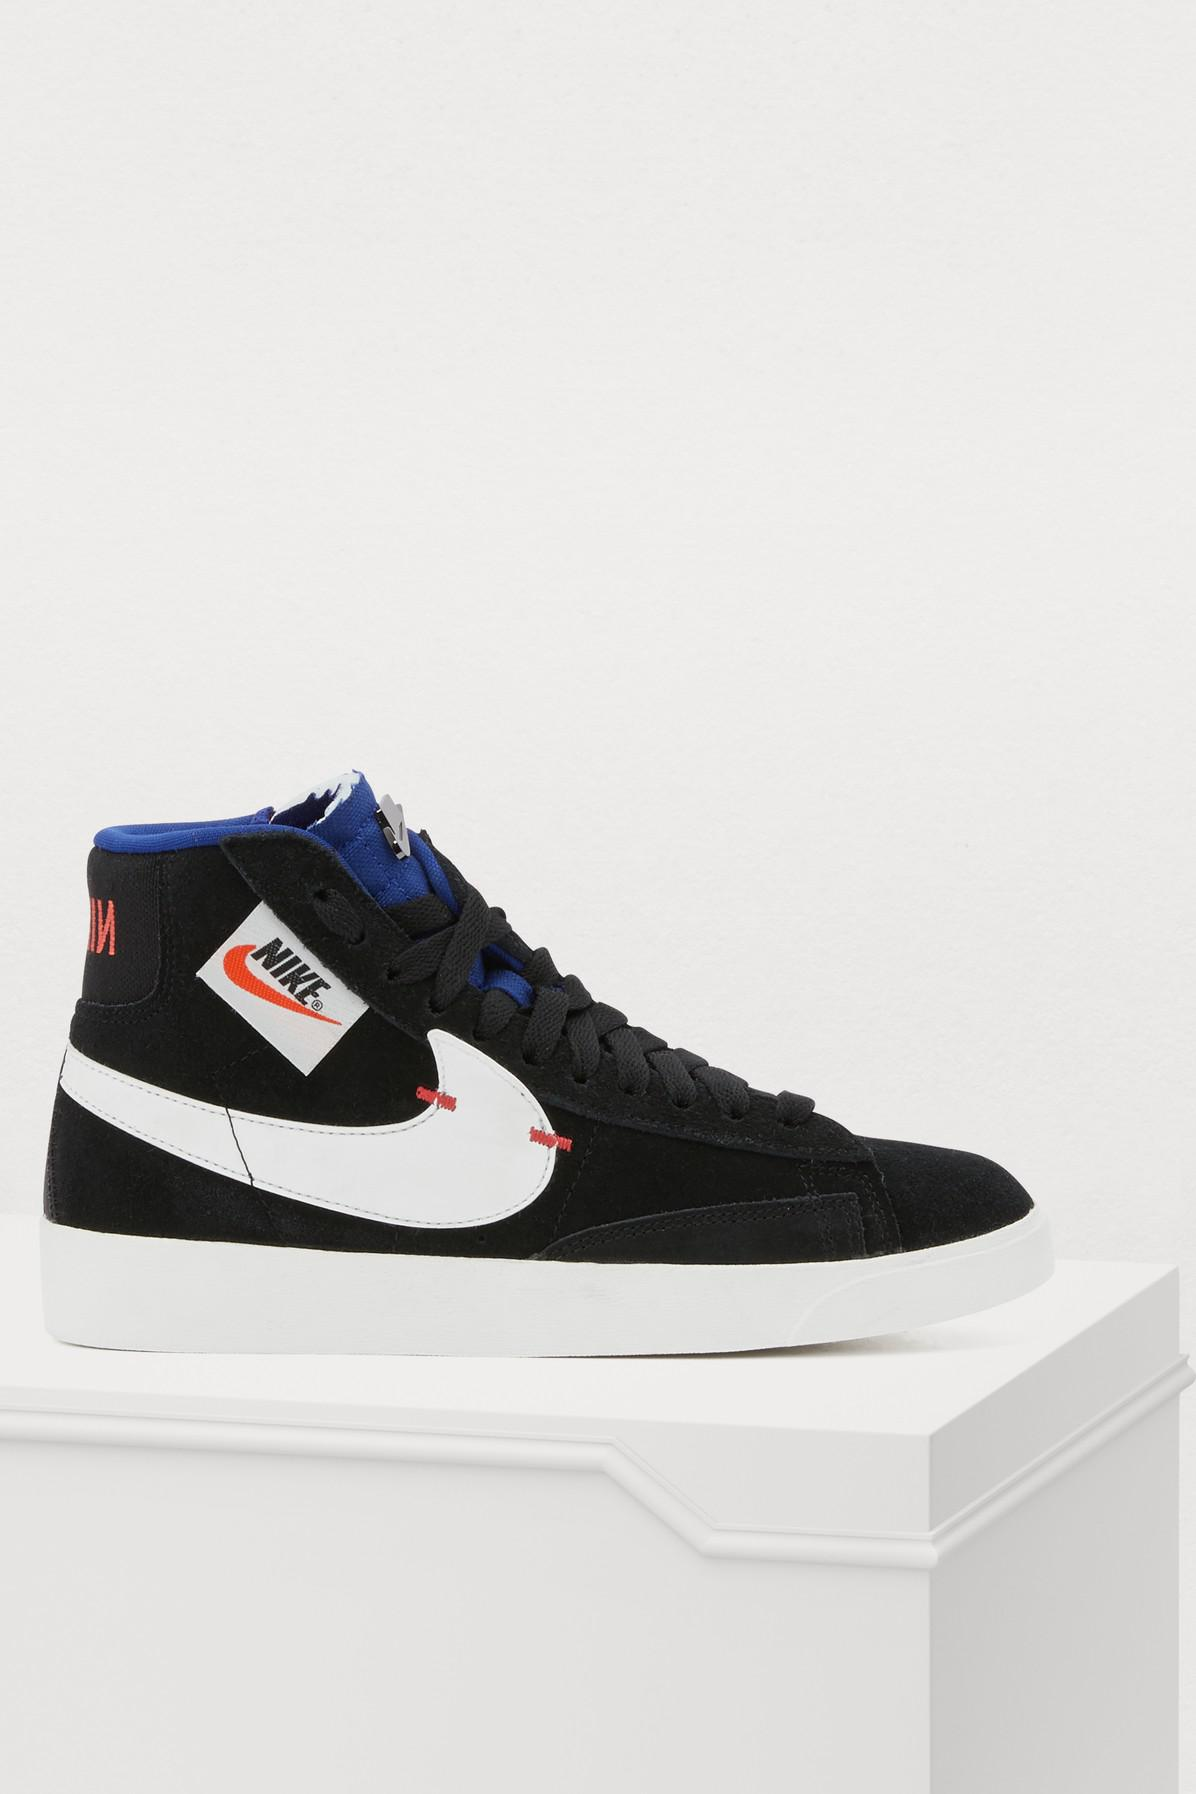 7c10c7bc373c Lyst - Nike Black Blazer Mid Rebel Sneakers in Black - Save 39%